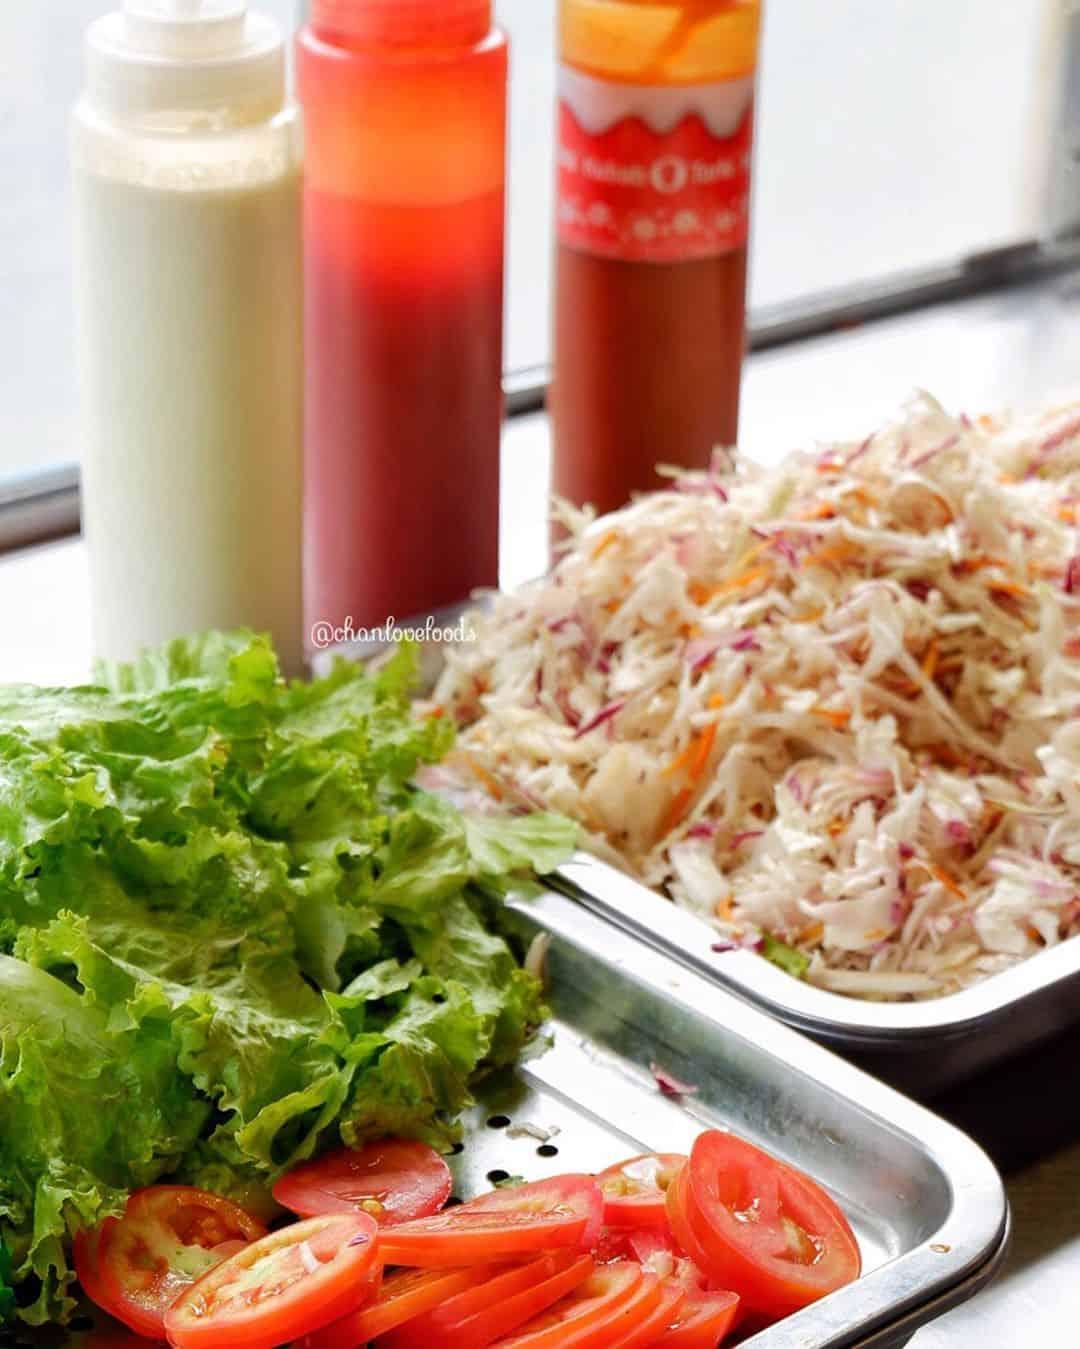 Quán ăn sáng ngon quận Gò Vấp